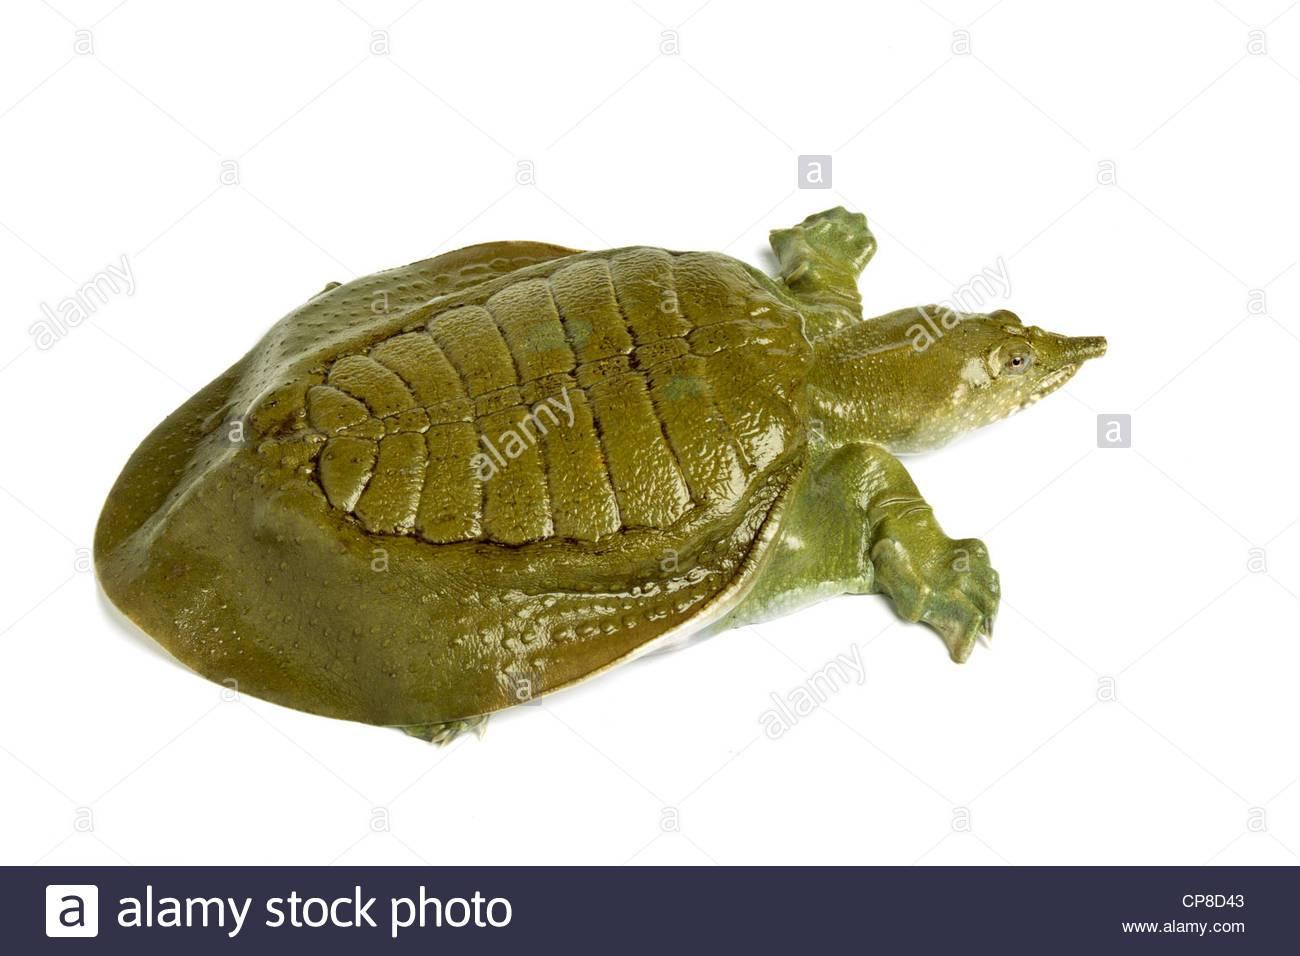 Дальневосточная черепаха — википедия